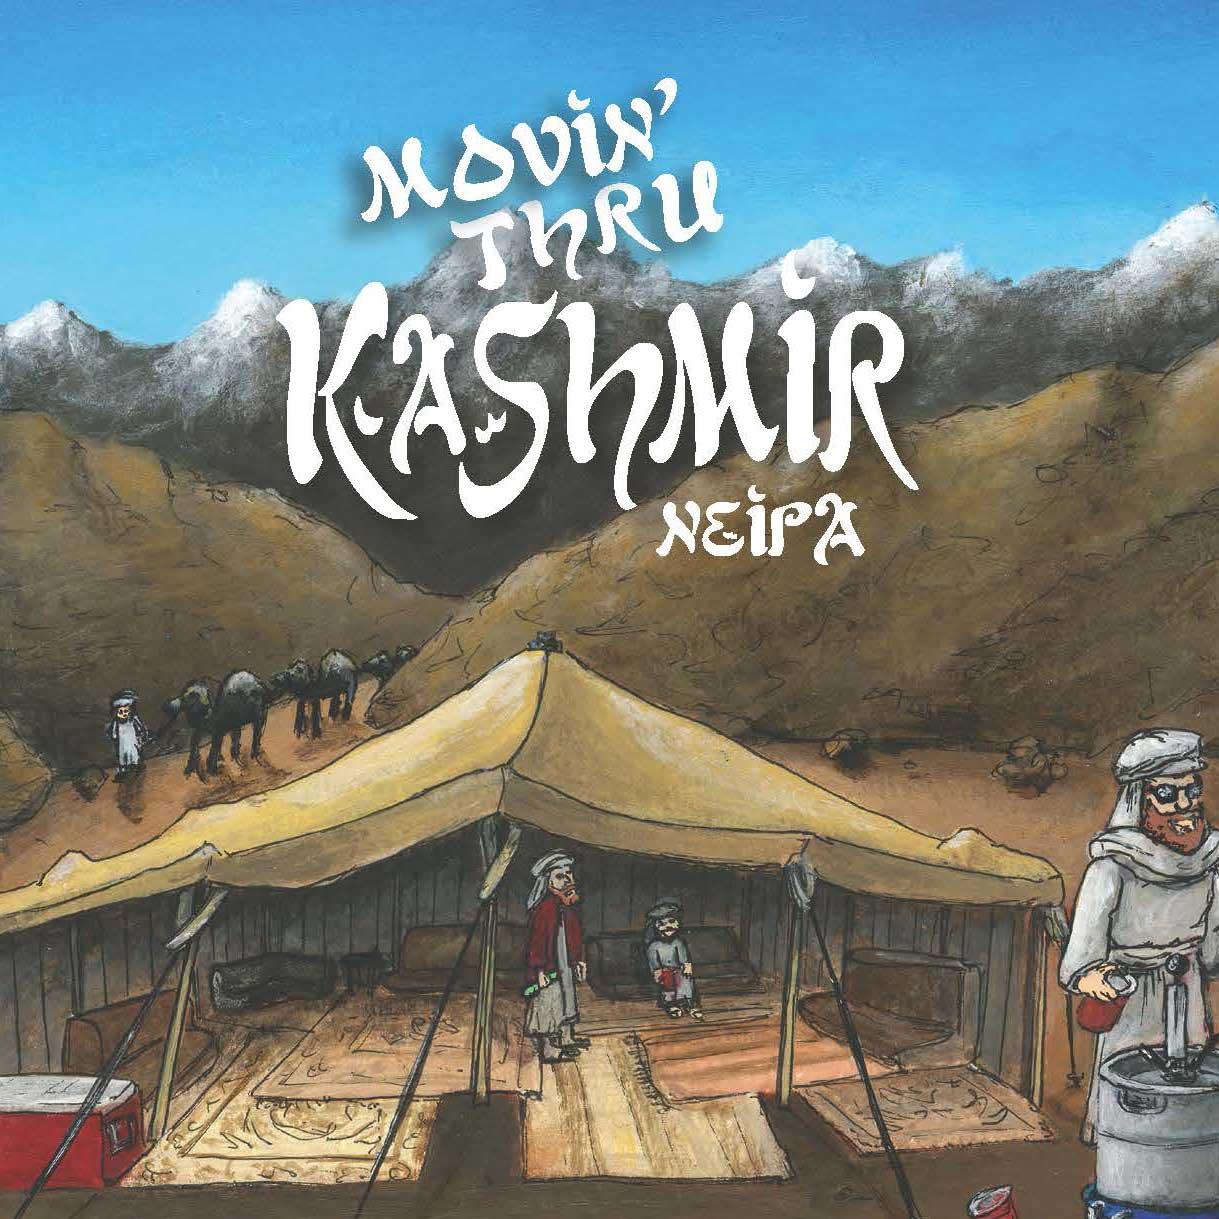 Movin' Thru Kashmir